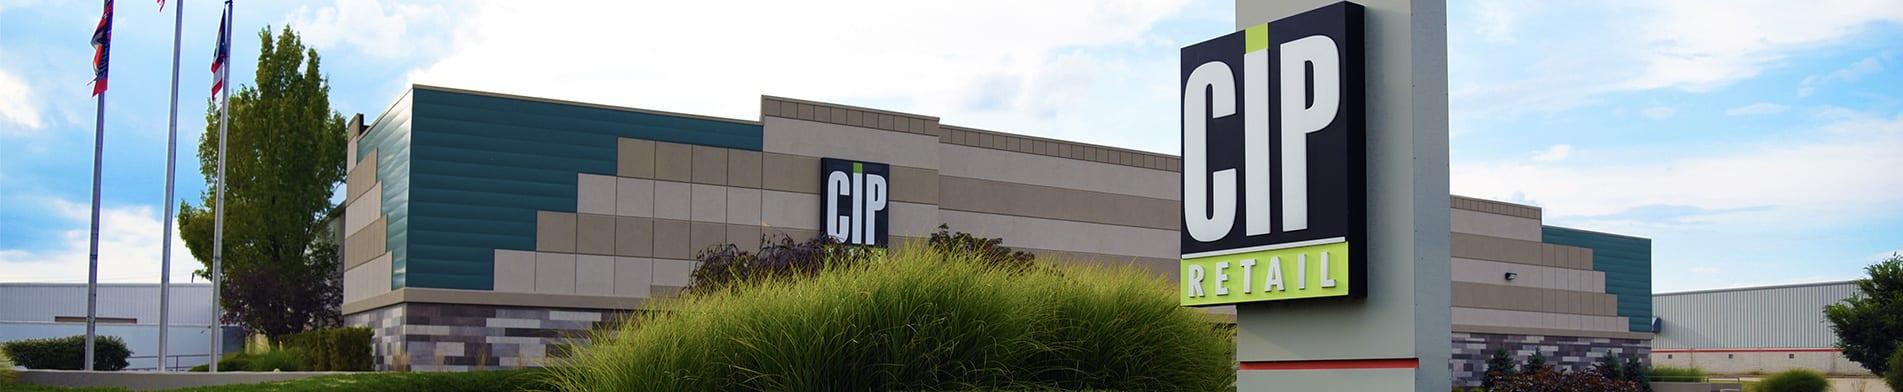 CIP Retail Building Facade